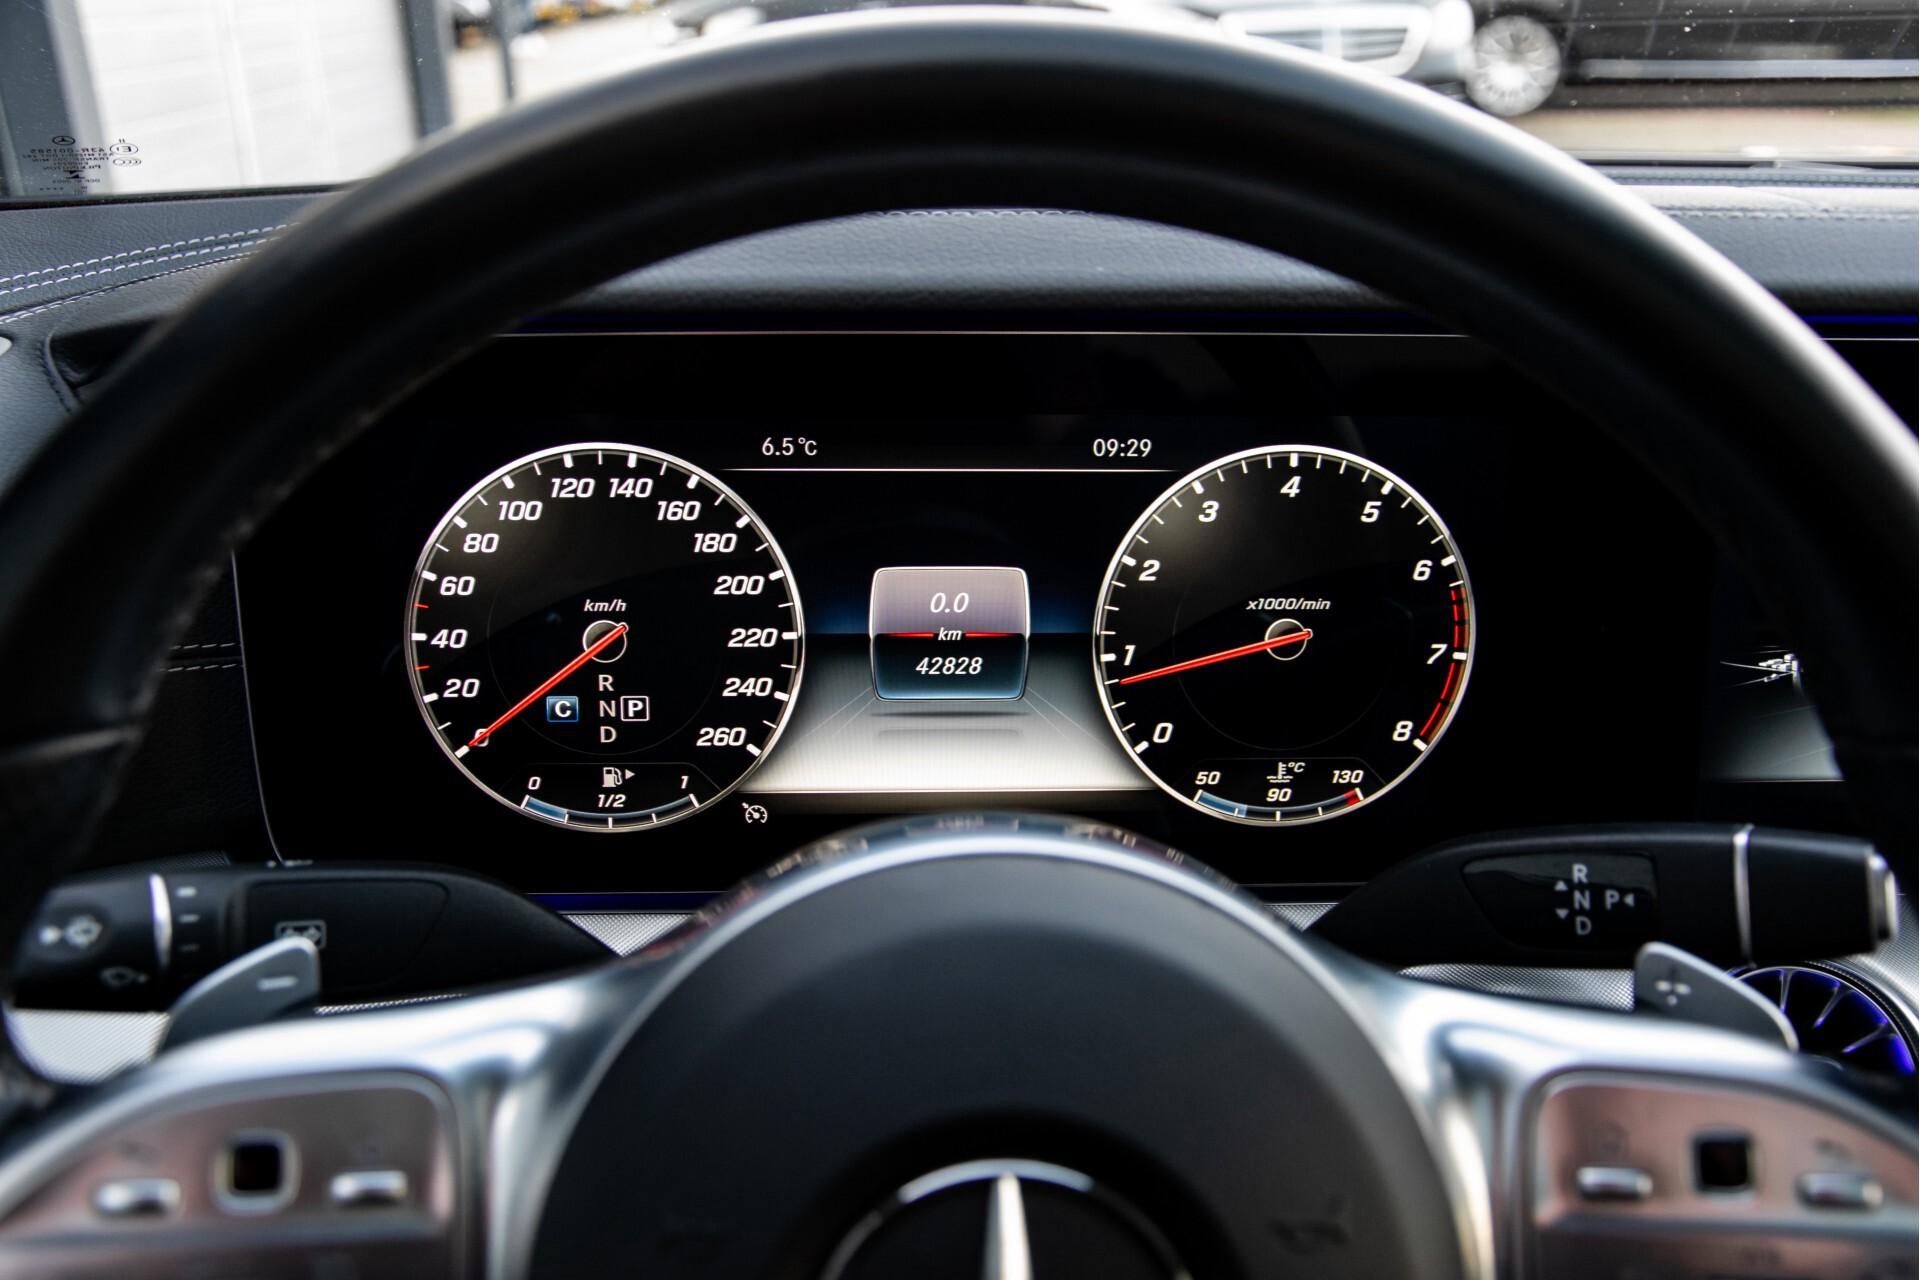 Mercedes-Benz E-Klasse Coupé 200 AMG Panorama/Night/Carbon/Premium/Widescreen/ILS Aut9 Foto 11